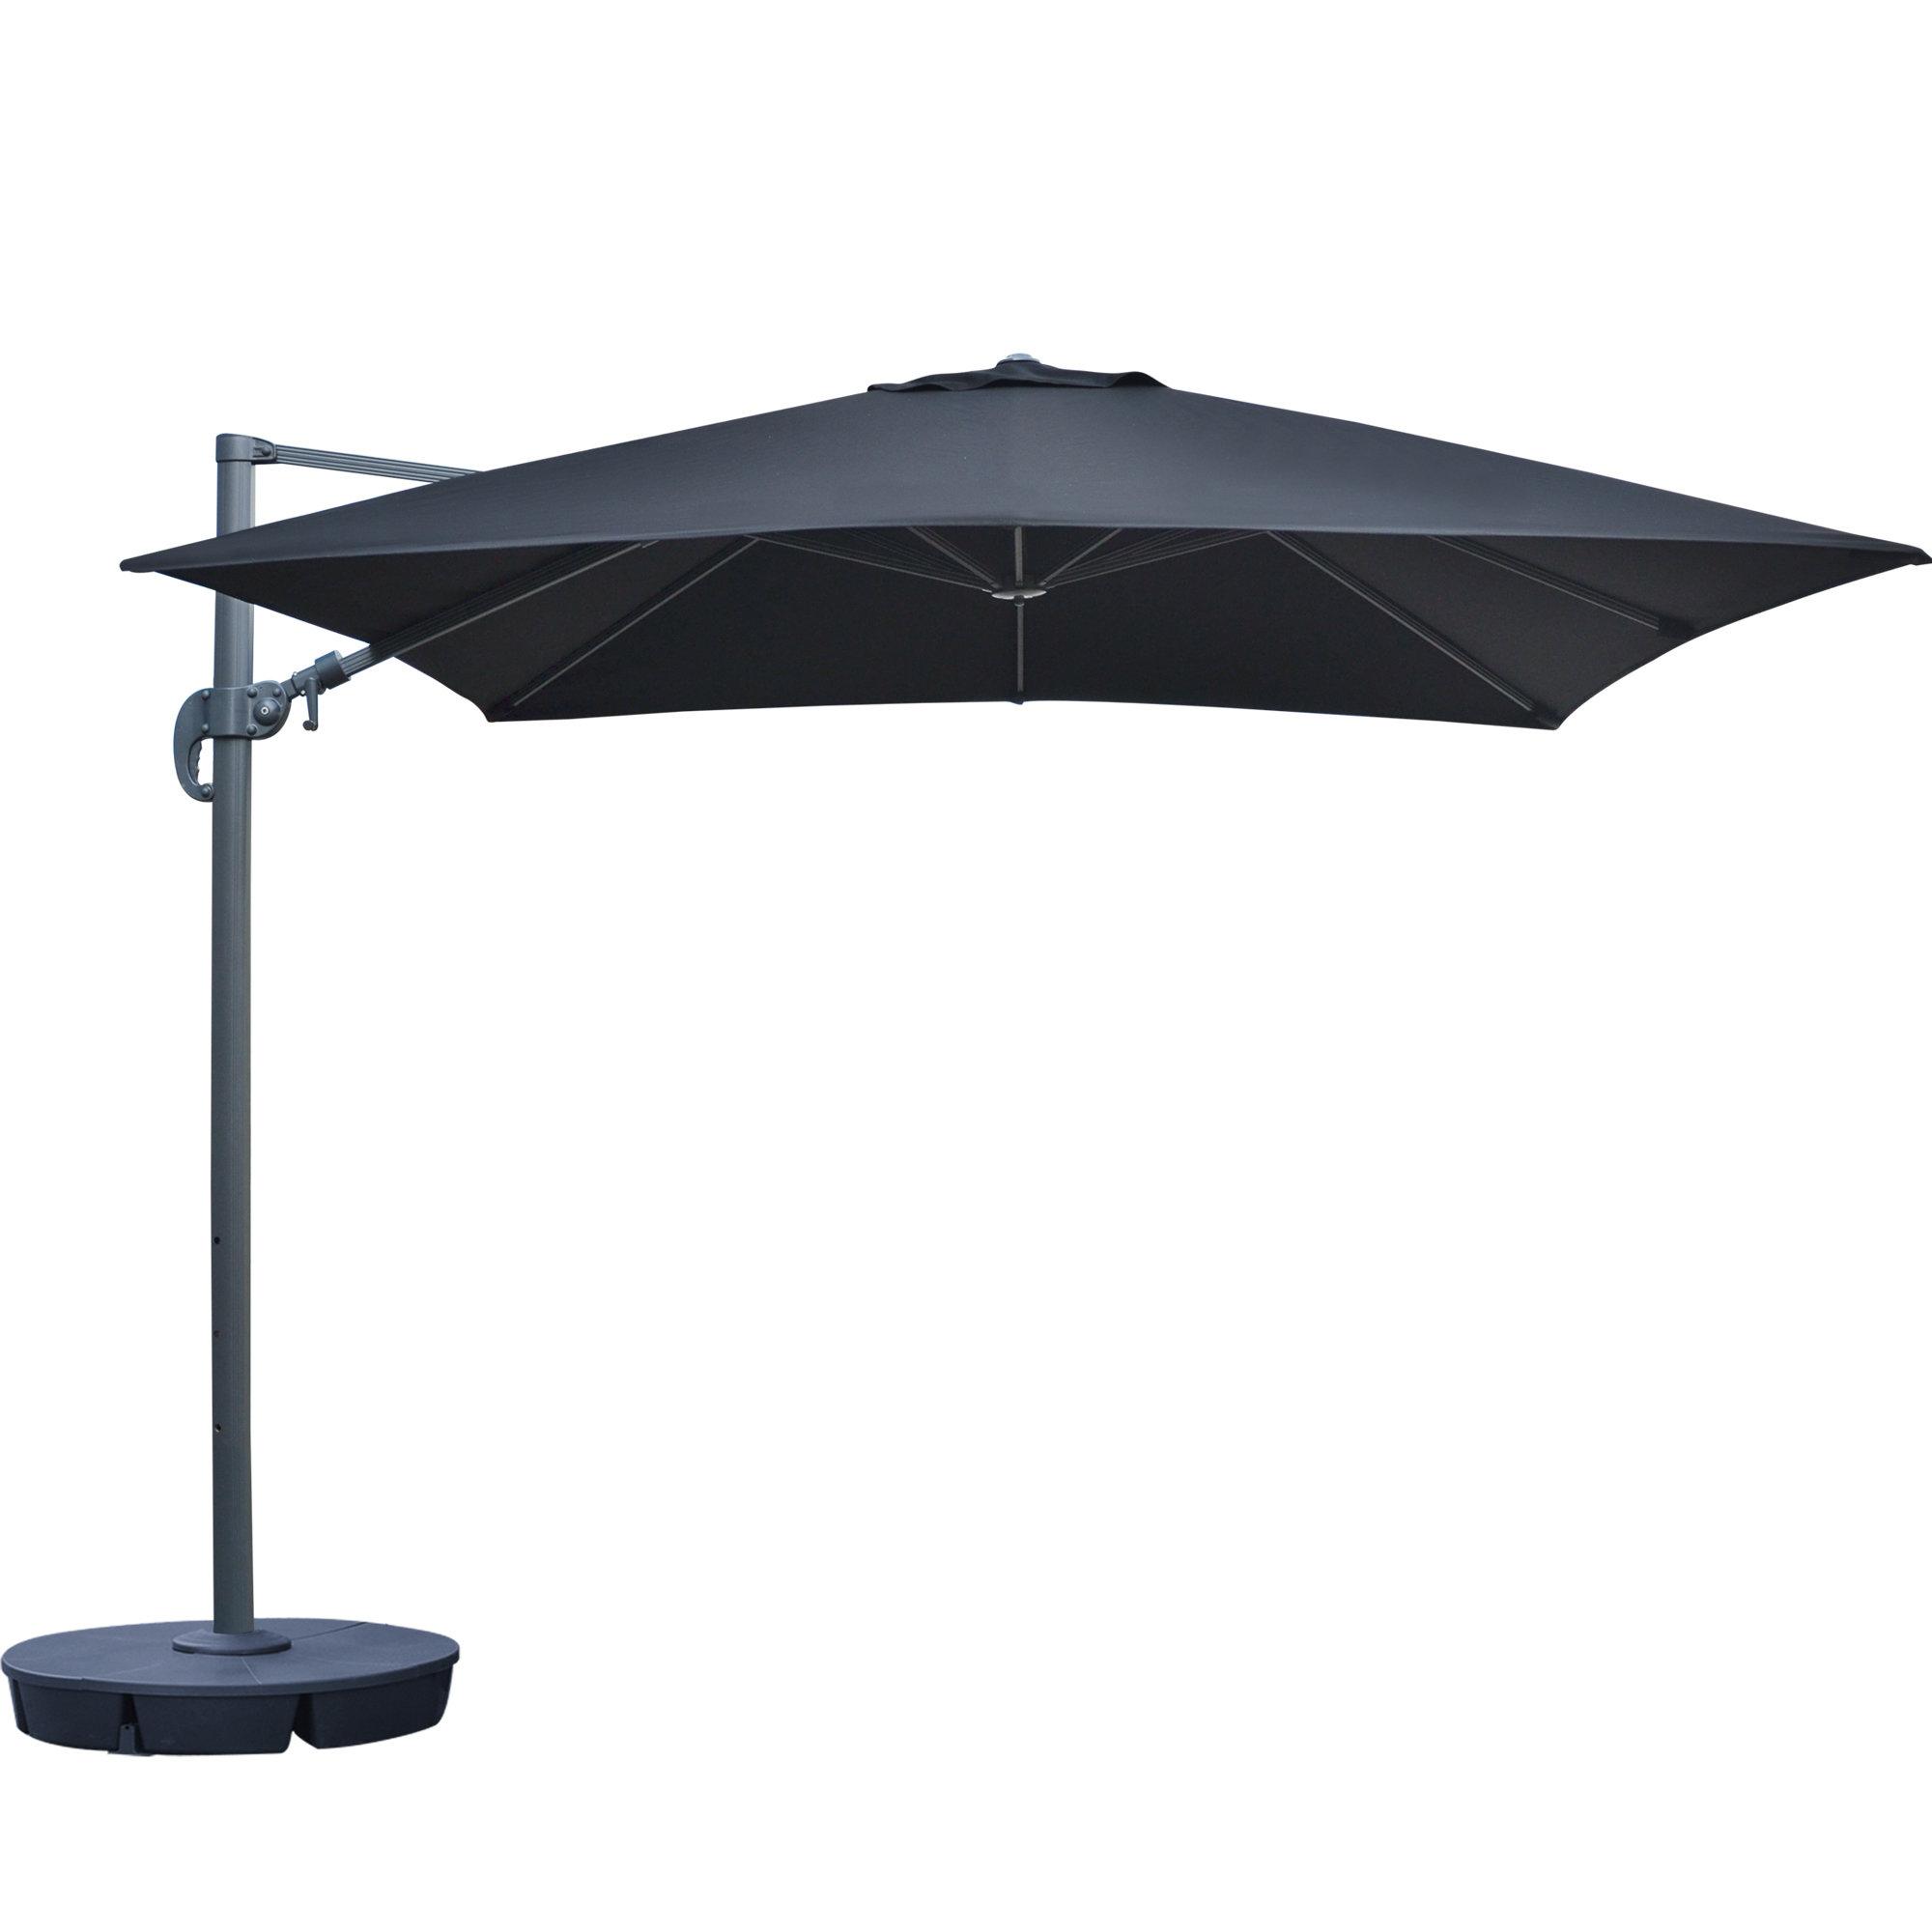 Emely Cantilever Sunbrella Umbrellas With 2019 Emely 10' Cantilever Sunbrella Umbrella (View 2 of 20)